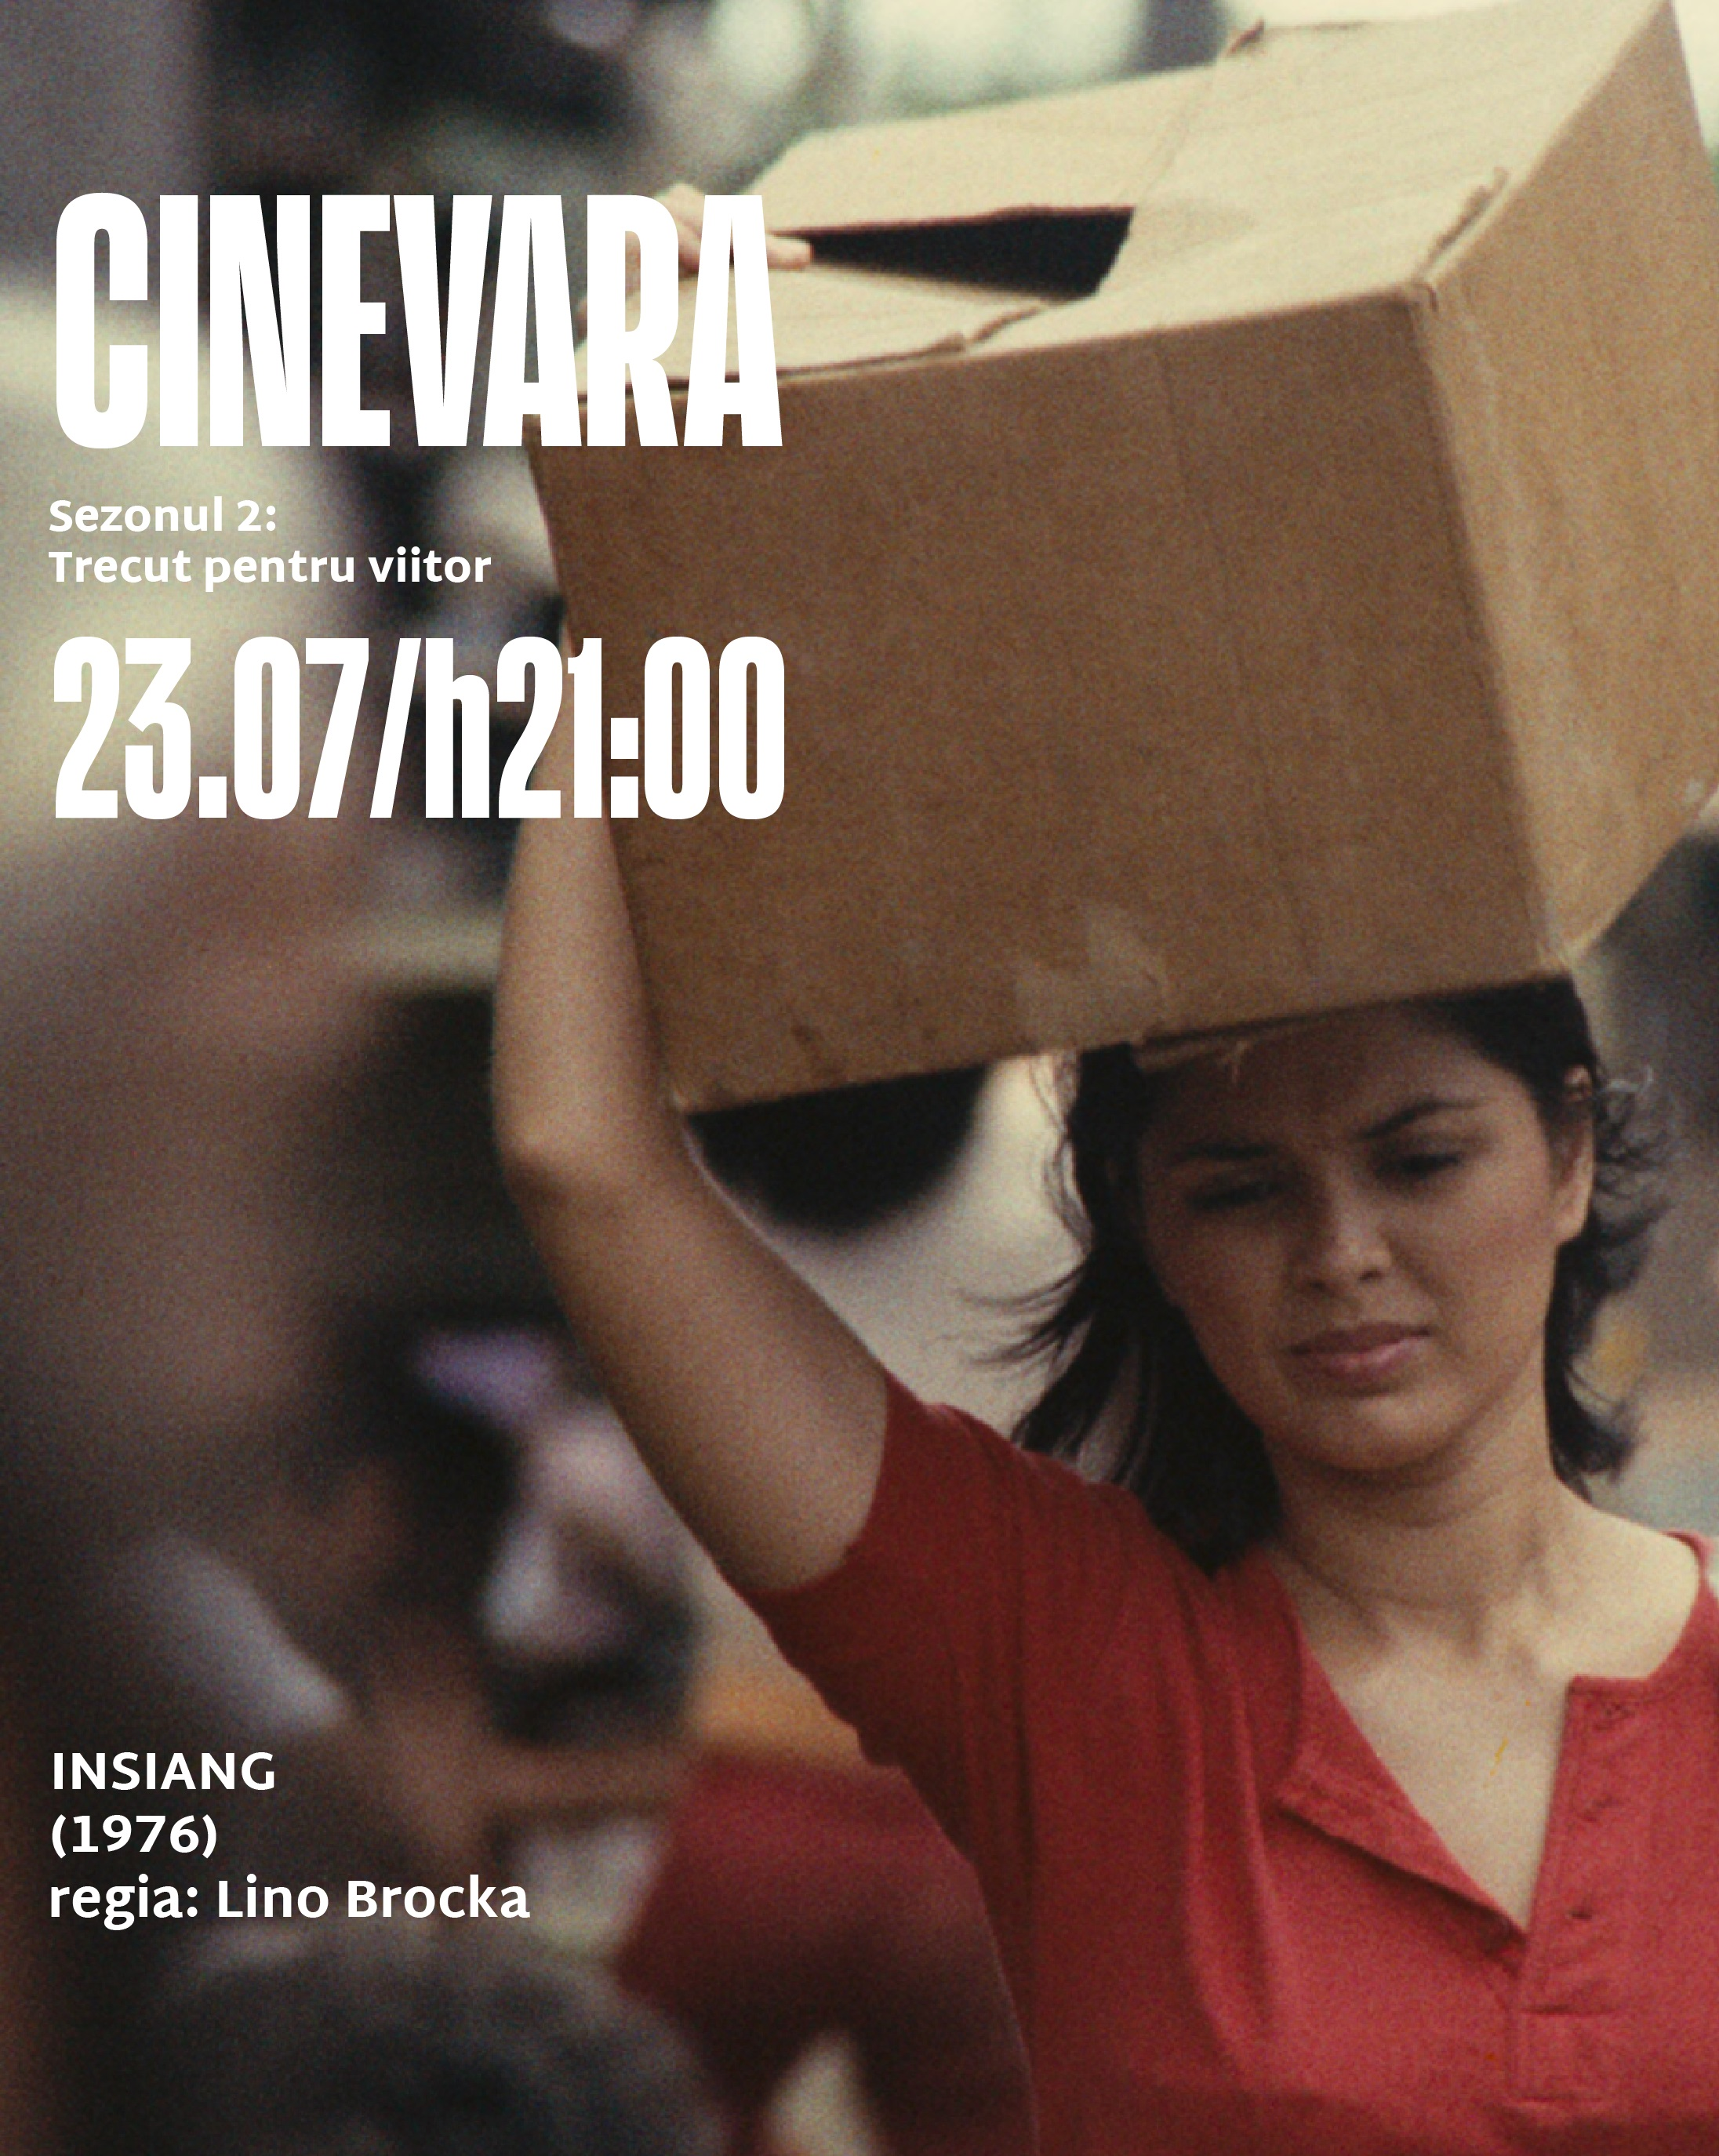 CINEVARA continua seria de proiectii de film in aer liber cu Insiang